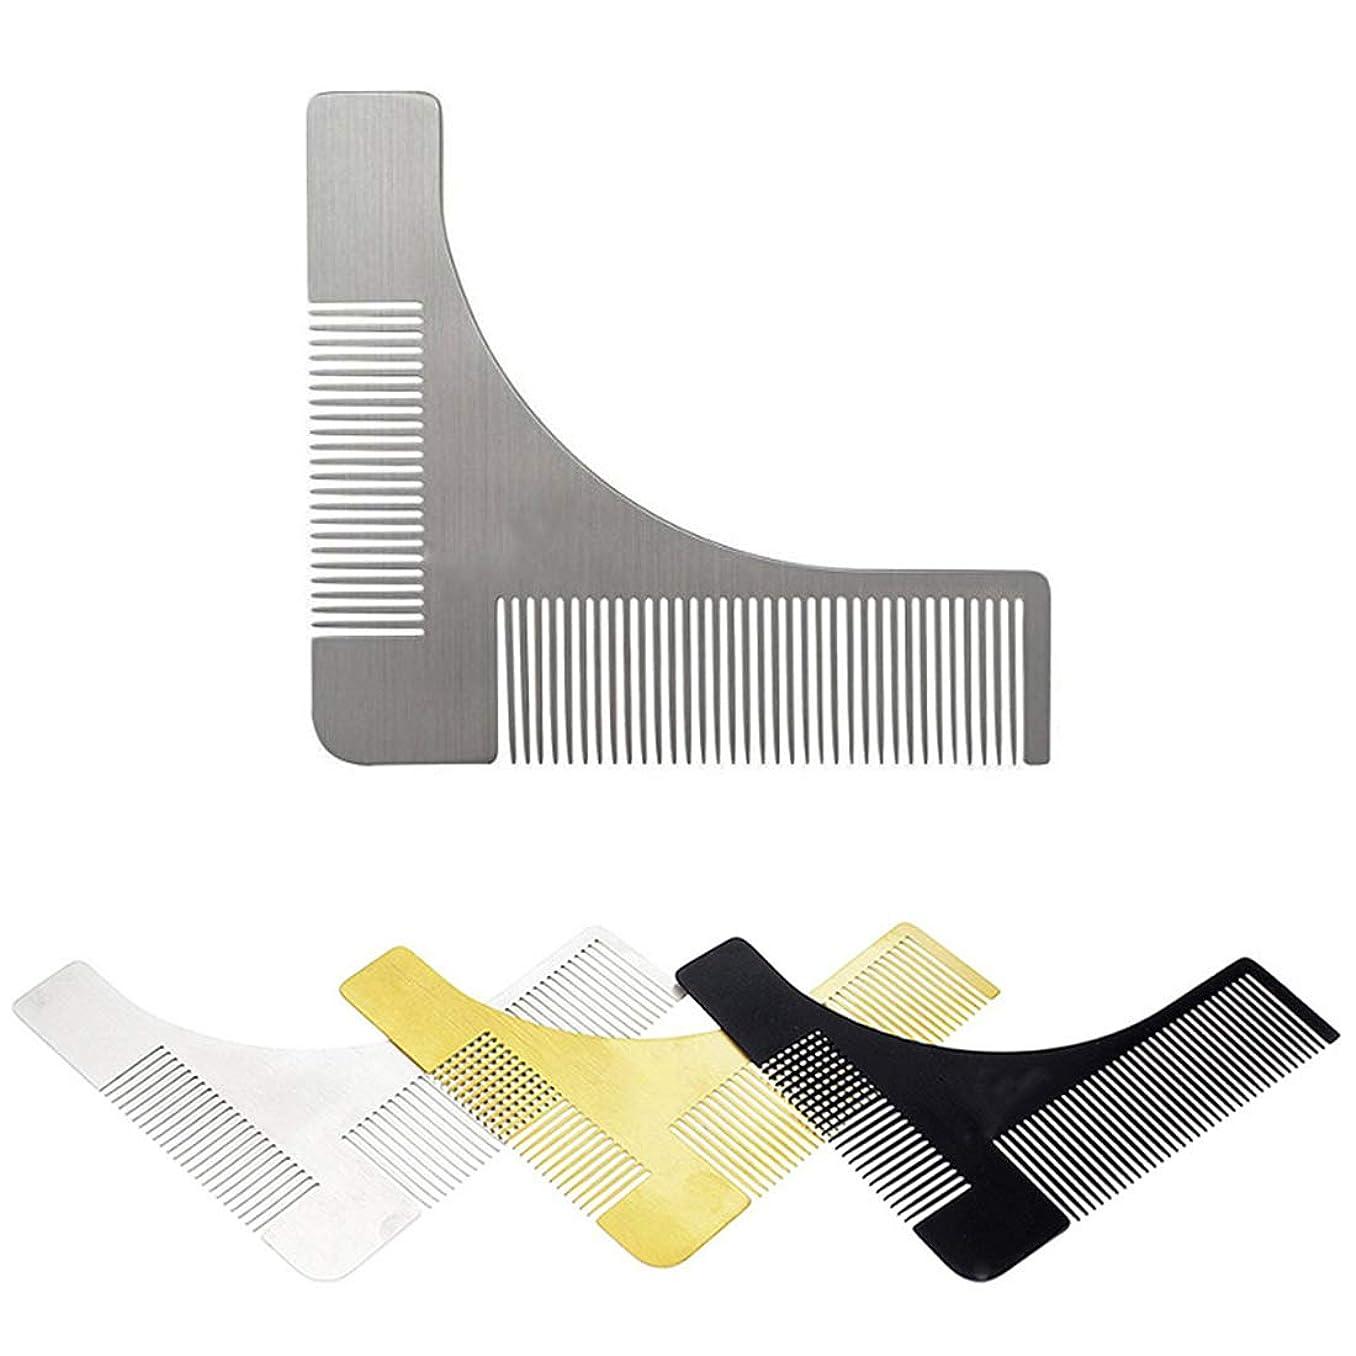 広告する飛ぶ逆ステンレス鋼のひげのスタイリングおよび形成のための型板の櫛用具 モデリングツール (色 : 304 material)